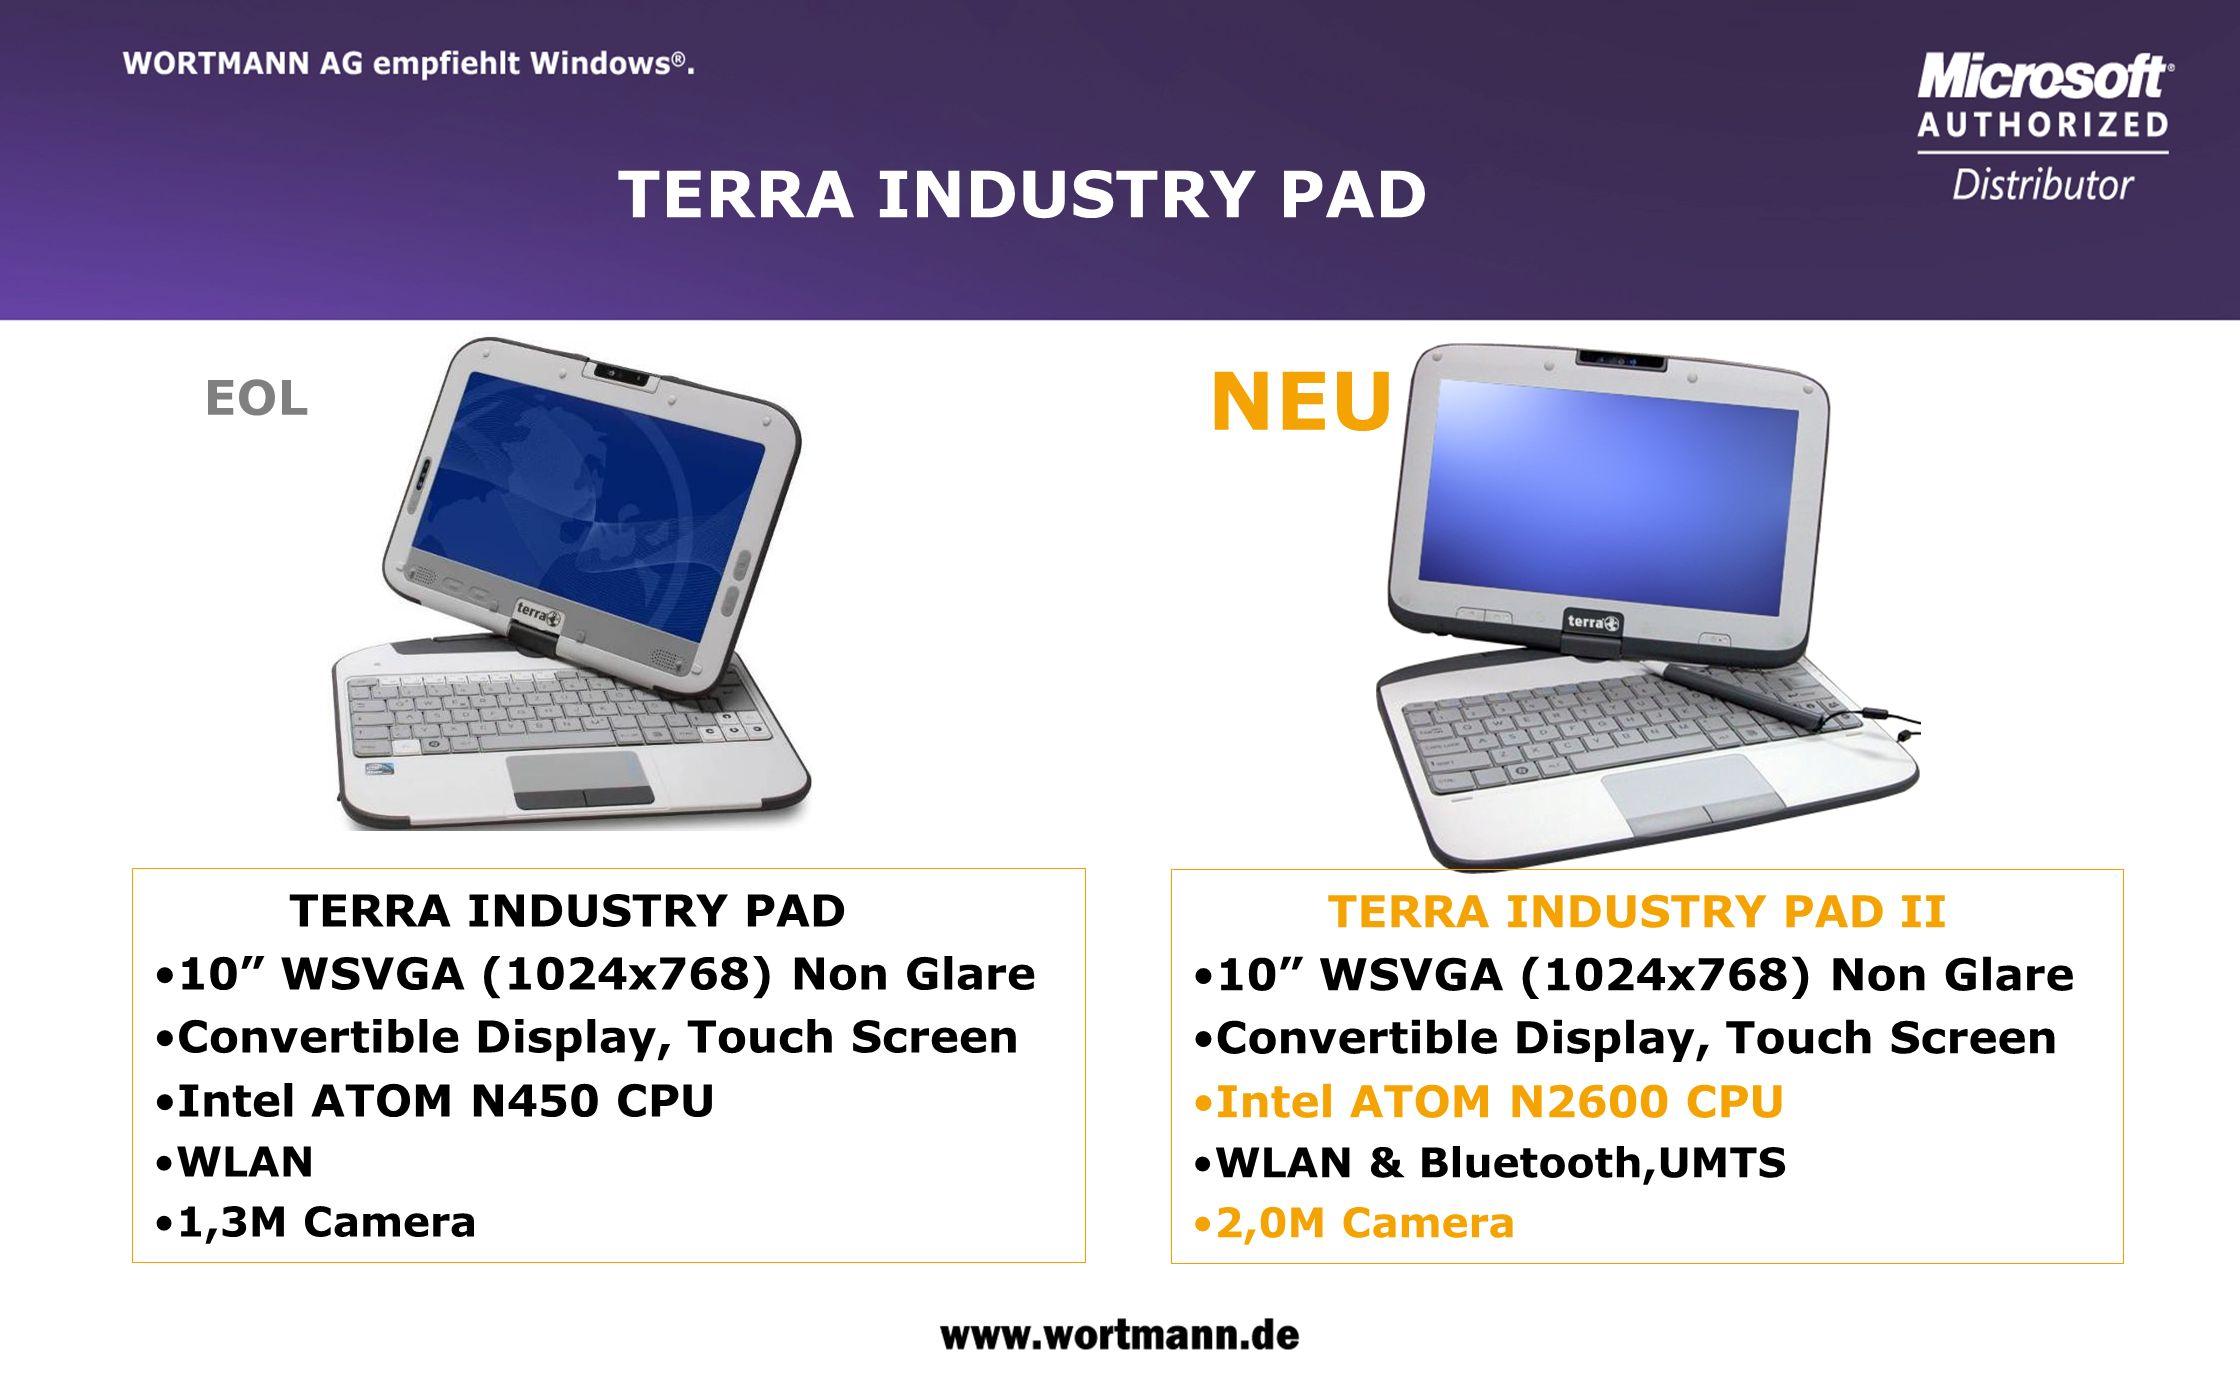 www.wortmann.de TERRA Notebooks - Die richtige Lösung für jede Umgebung TERRA MOBILE BUSINESS NOTEBOOK NEUE DOCKINGSTATION